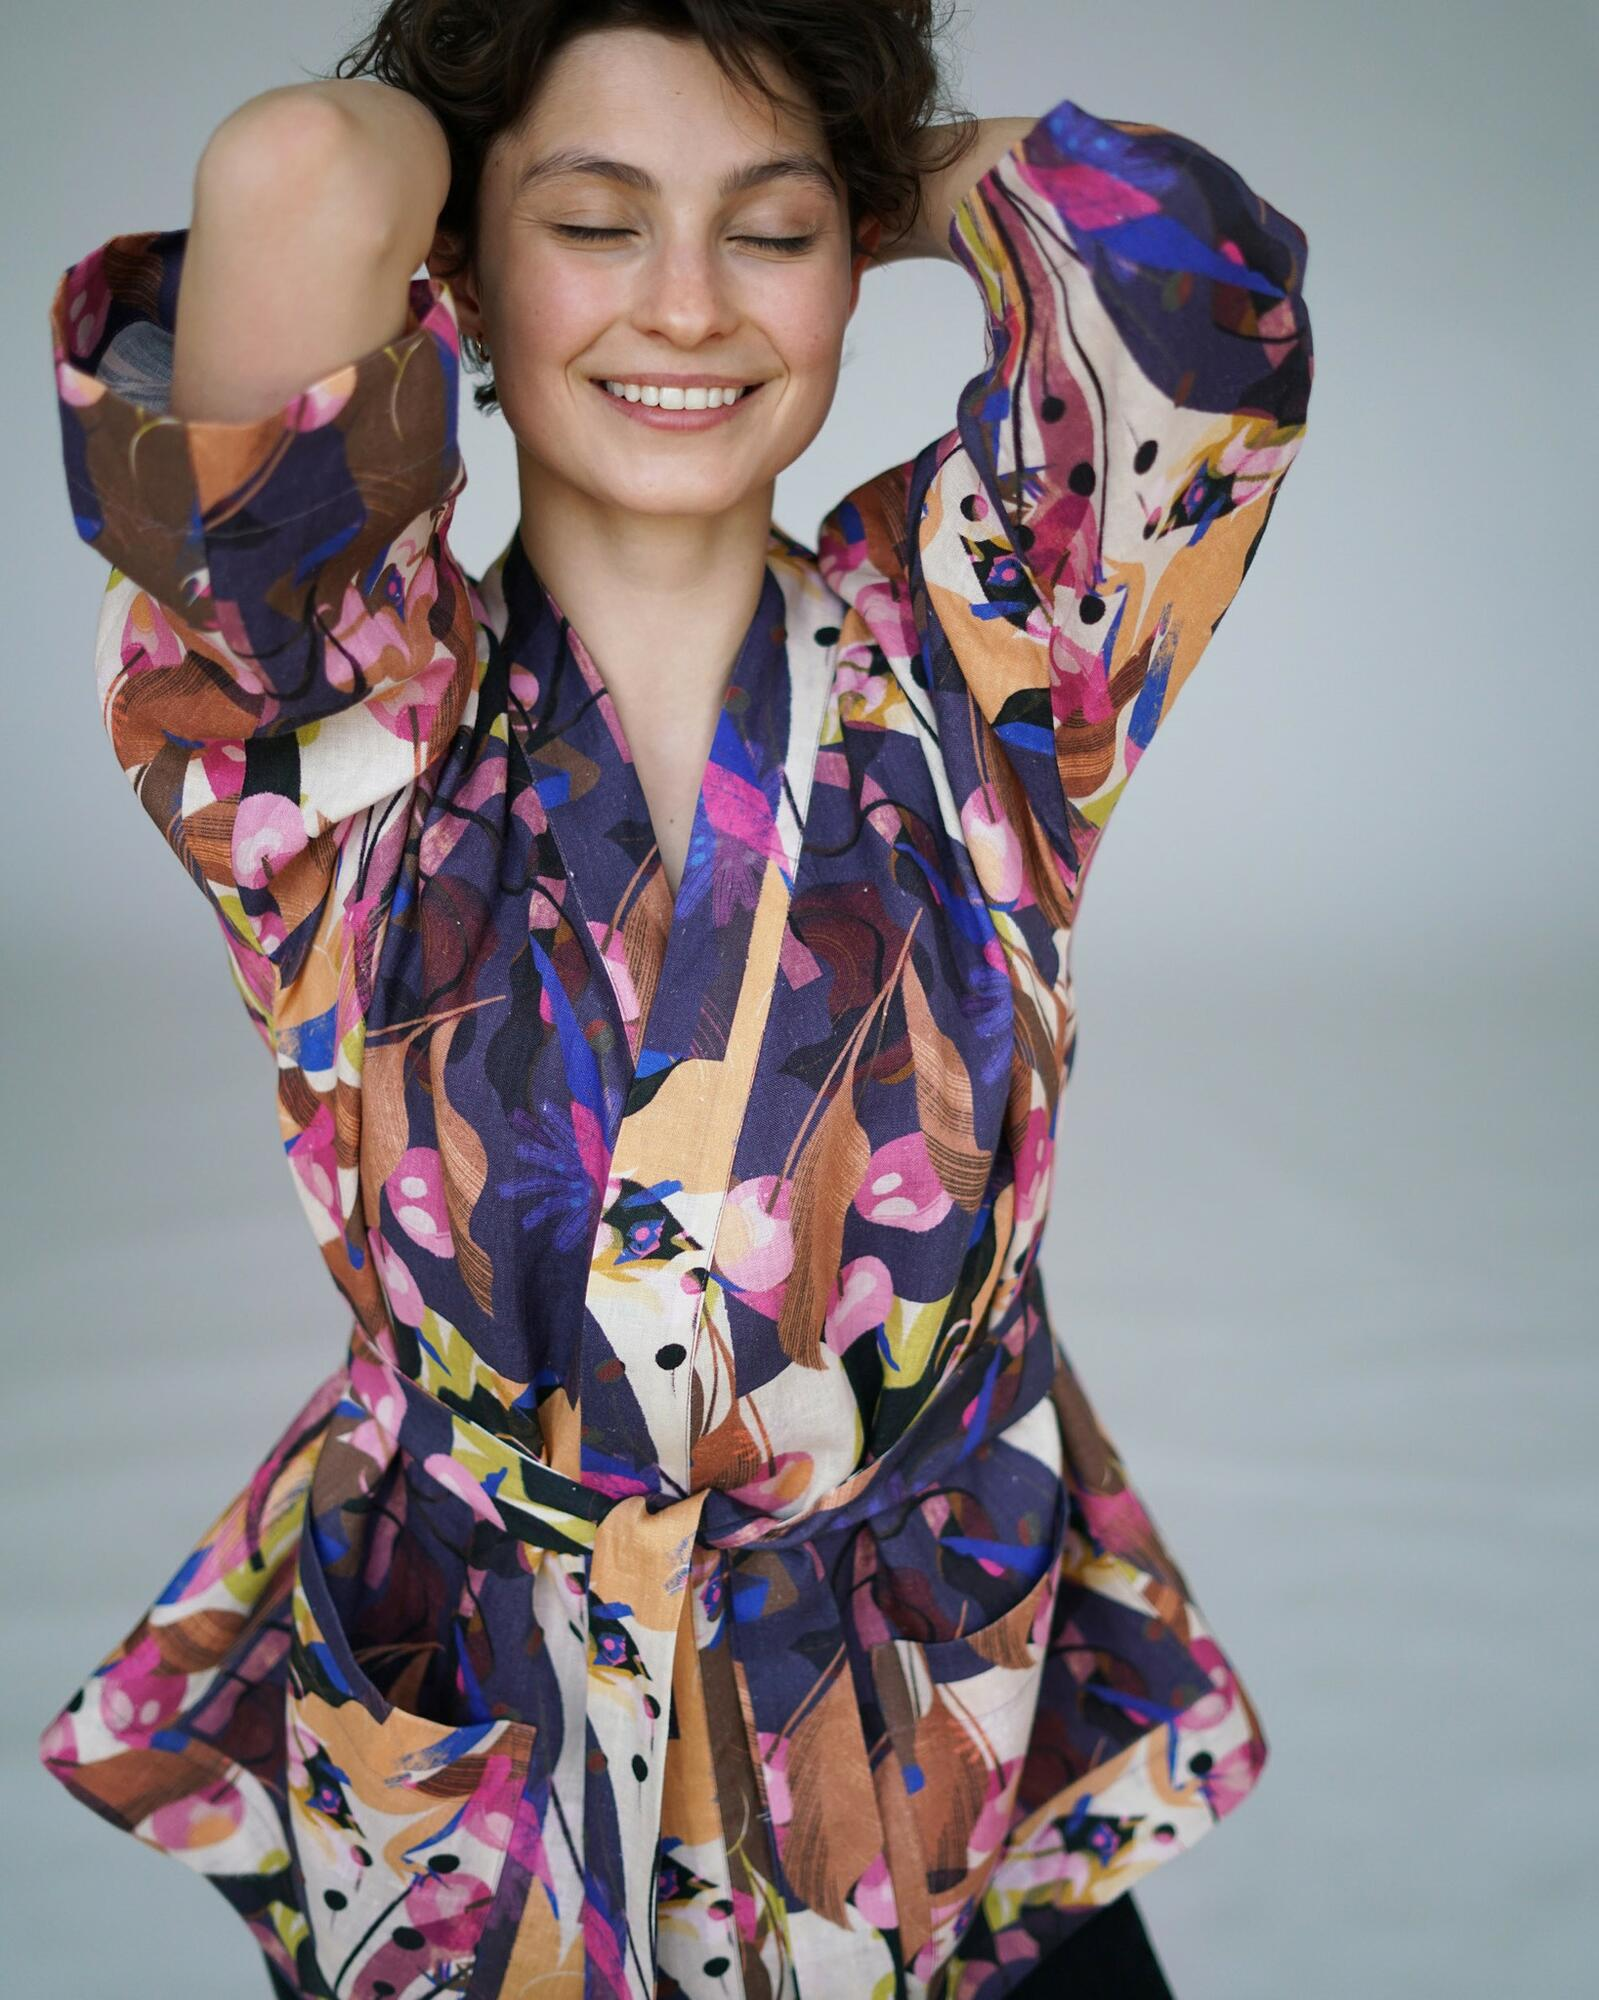 Kimono lniane SzerySzery Lejdi (wzór: Anna Rudak dla Bäckerei Bytom) - Bäckerei Bytom | JestemSlow.pl